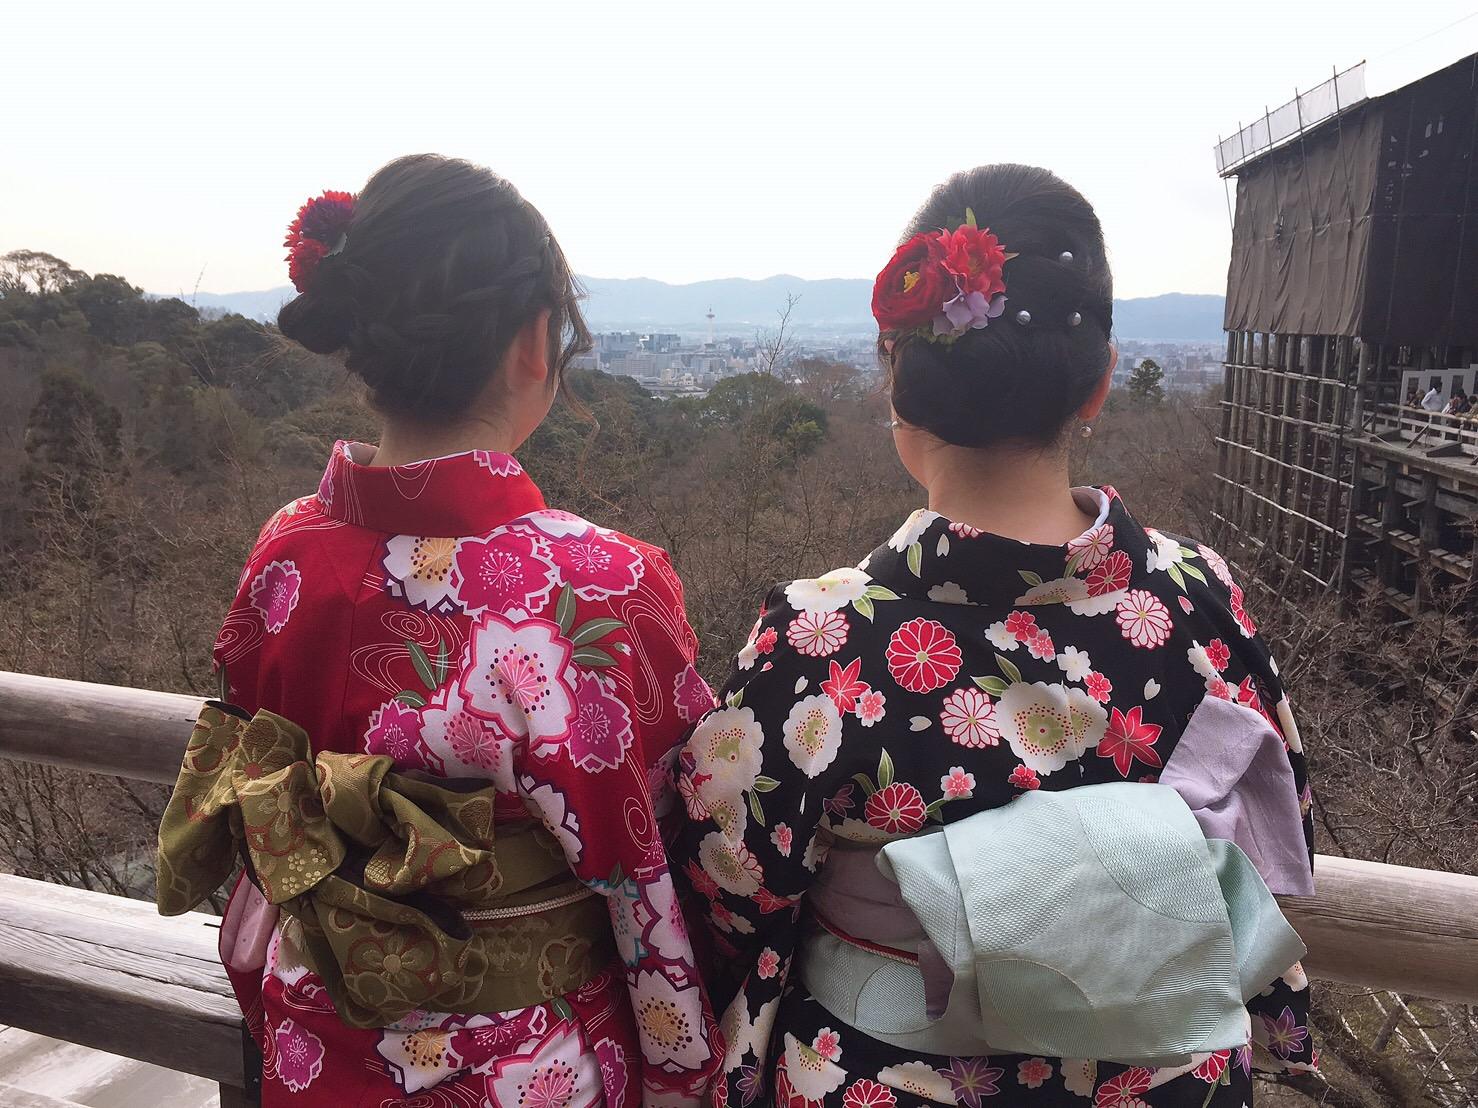 人気スポットの嵐山へ(^^♪2019年3月18日14